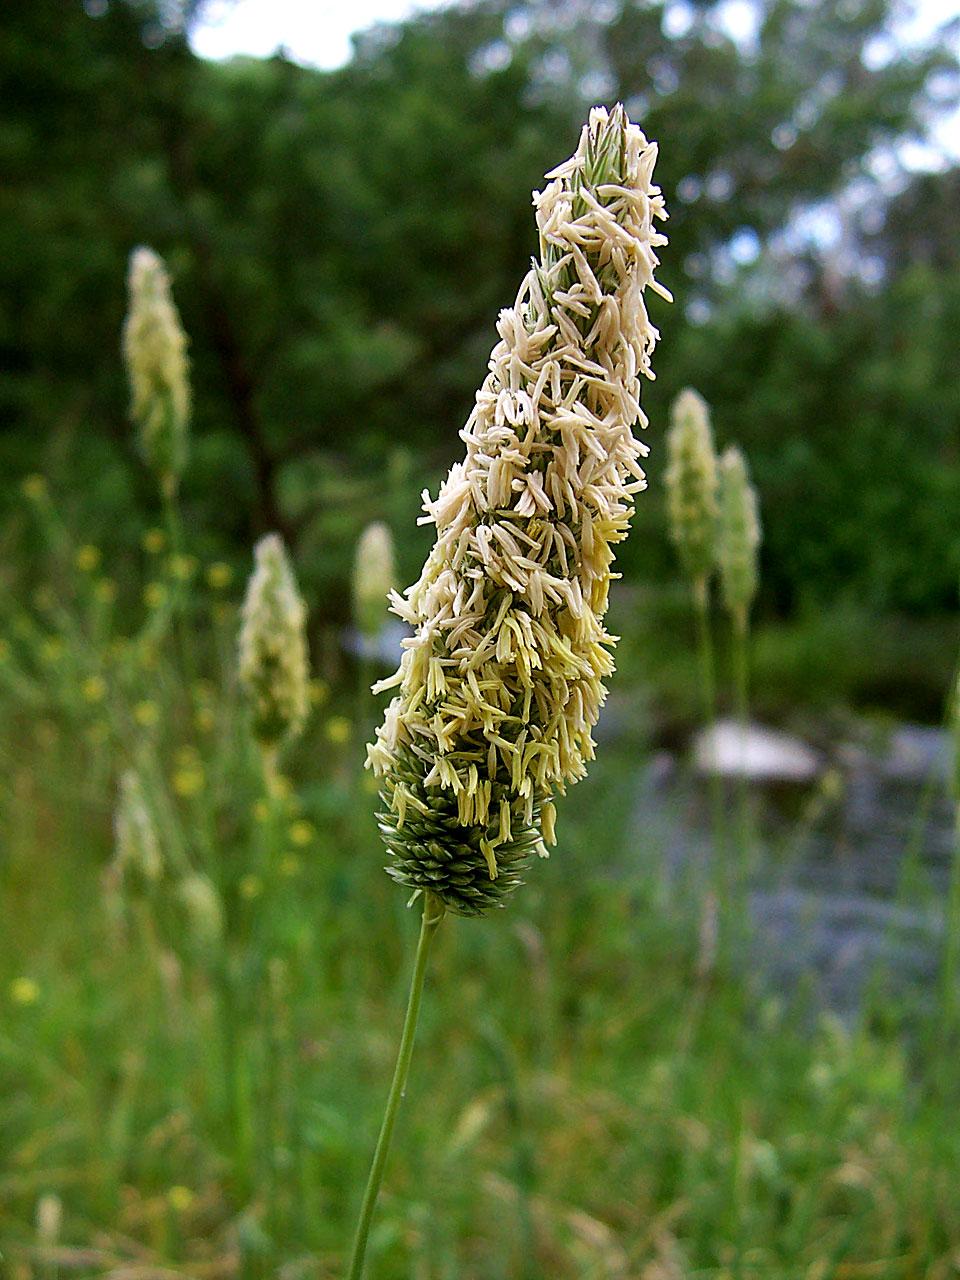 Poaceae - Wikipedia